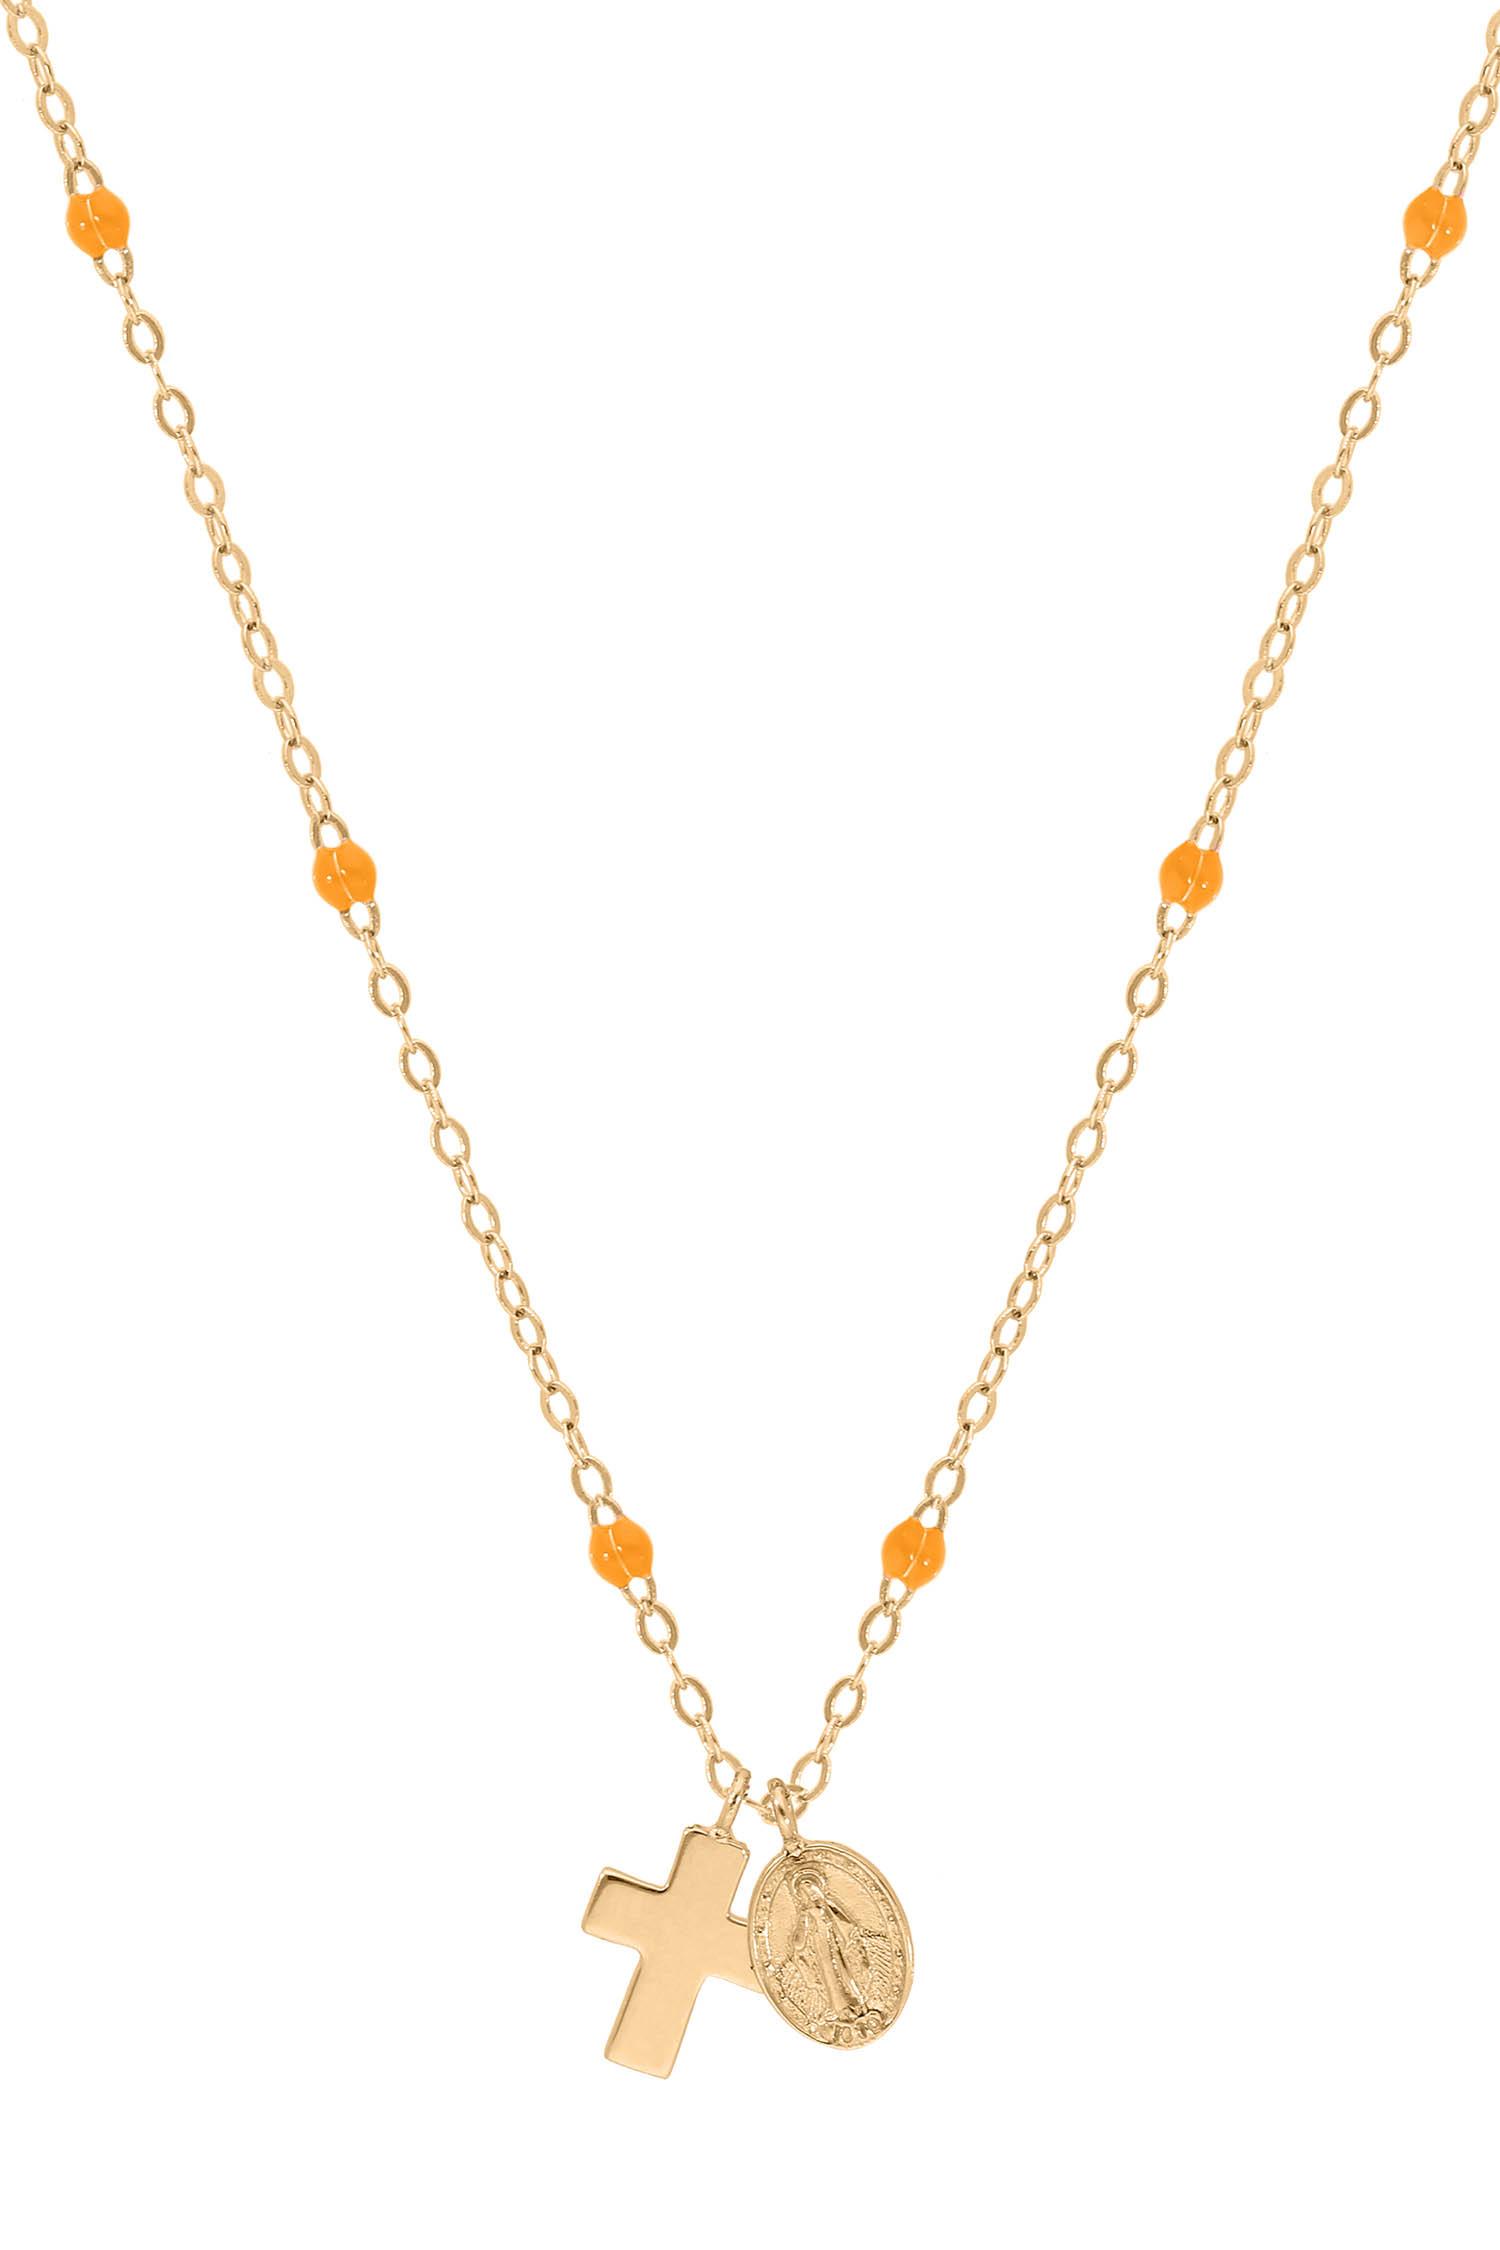 b14cc25d44bf1 Collier en or jaune, perles de résine, croix et madone Gigi Clozeau